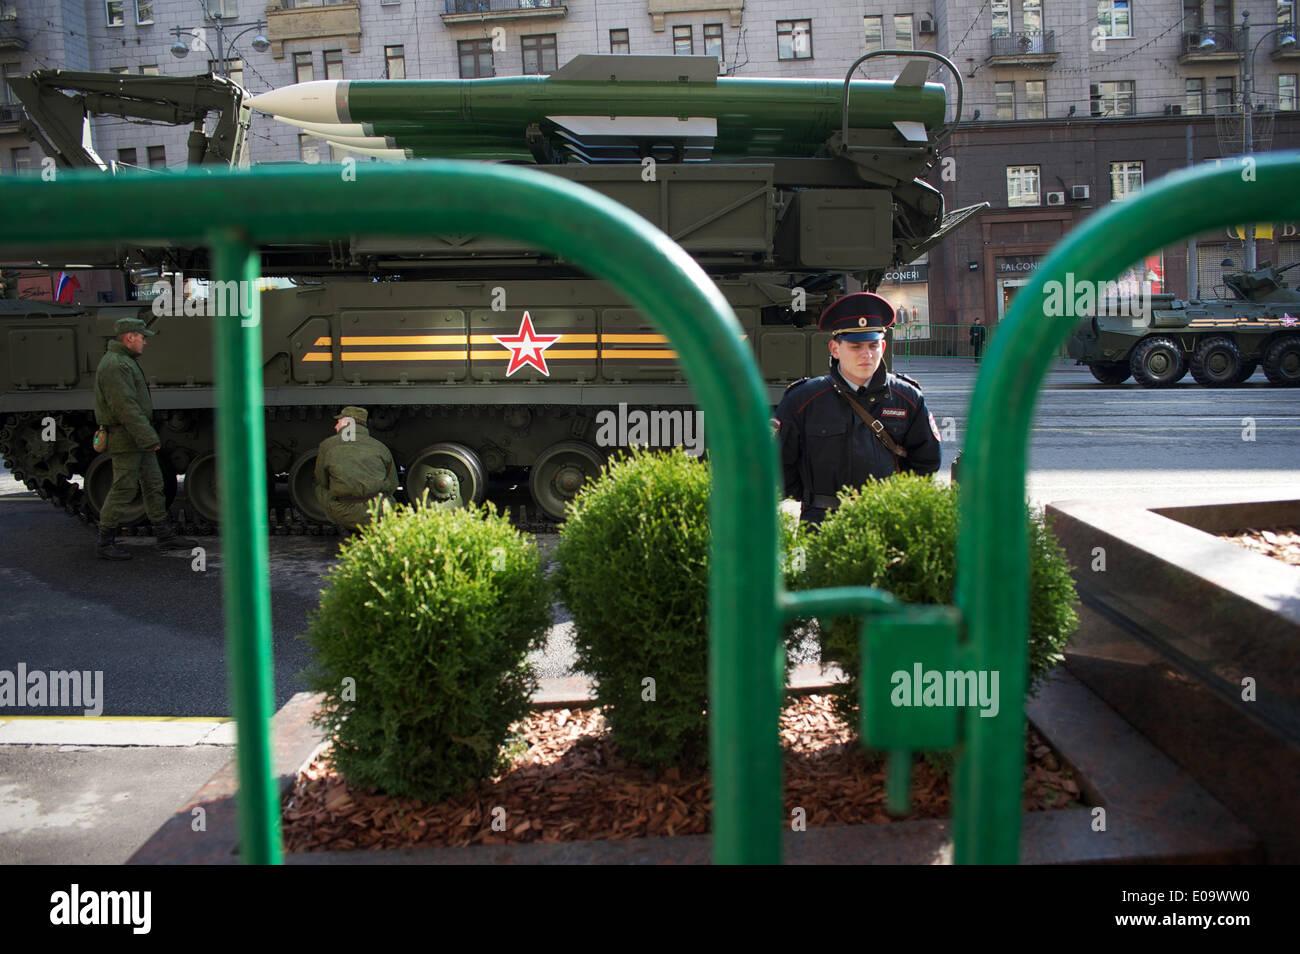 Soldier_001 Stockfotos & Soldier_001 Bilder - Alamy